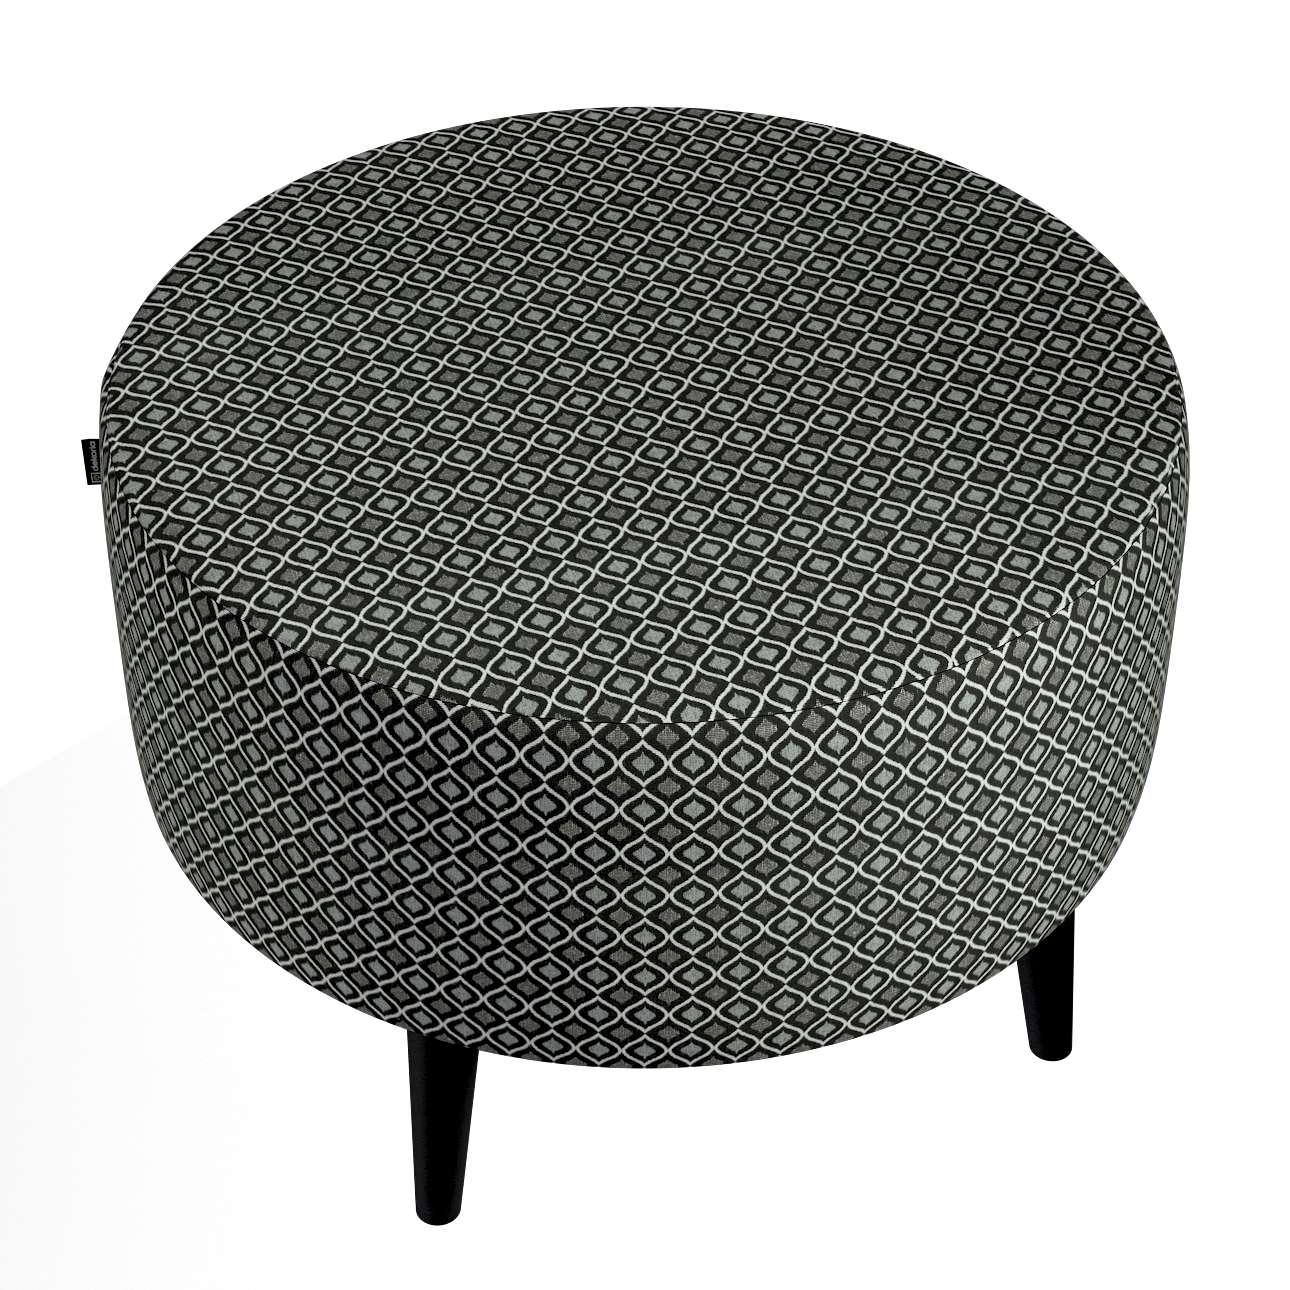 Podnóżek okrągły I w kolekcji Black & White, tkanina: 142-86